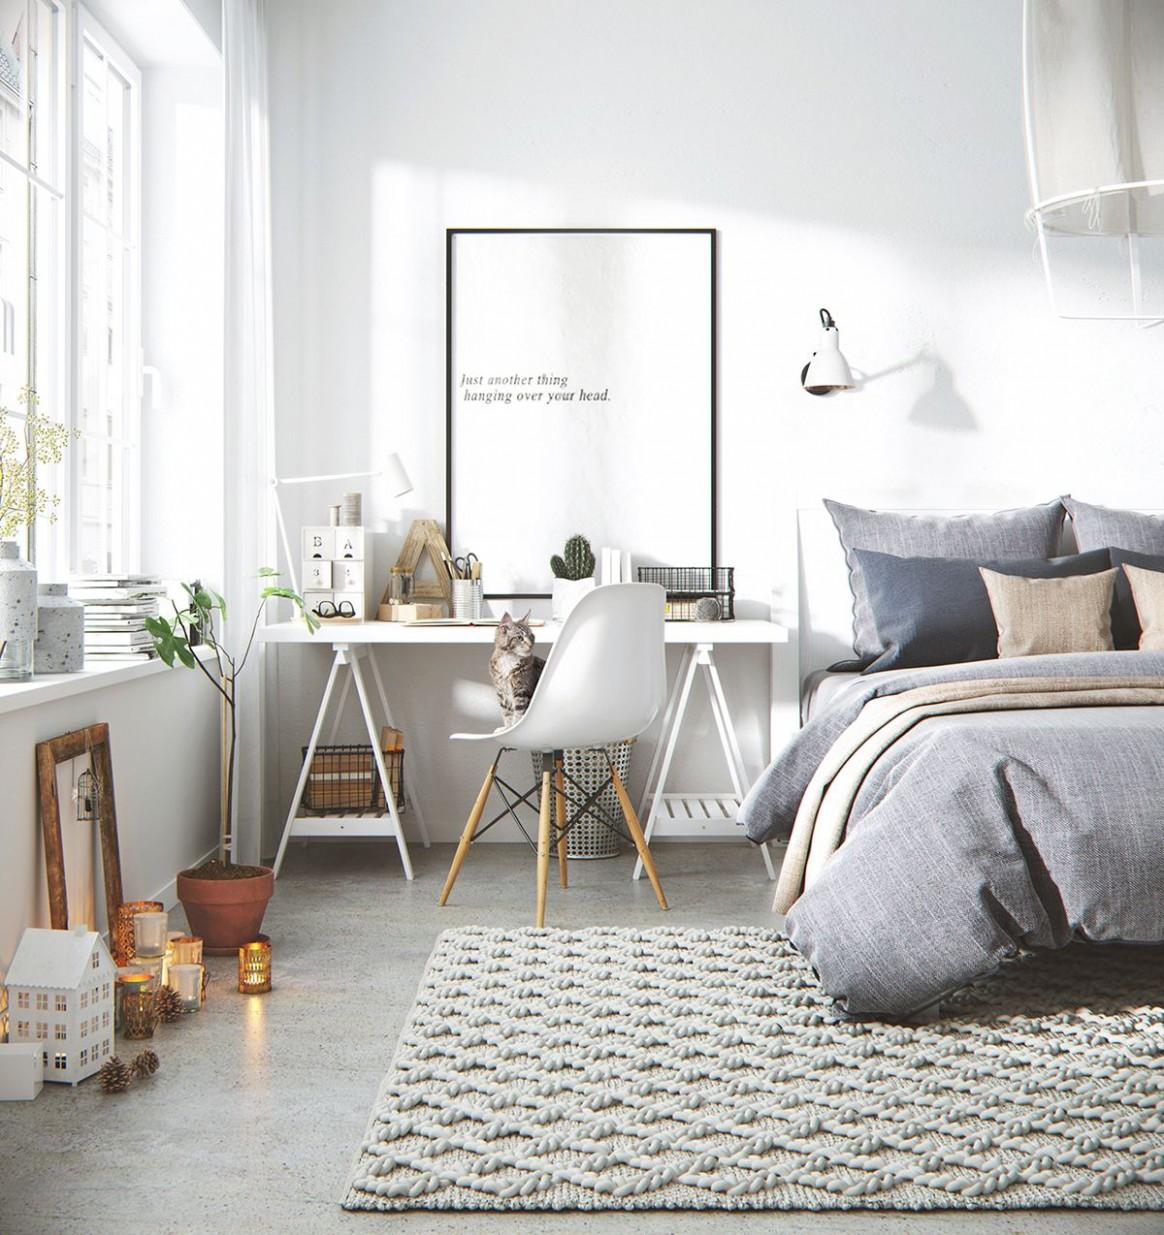 Gravity Home  Scandinavian design bedroom, Bedroom interior, Home  - Scandinavian Apartment Decor Ideas